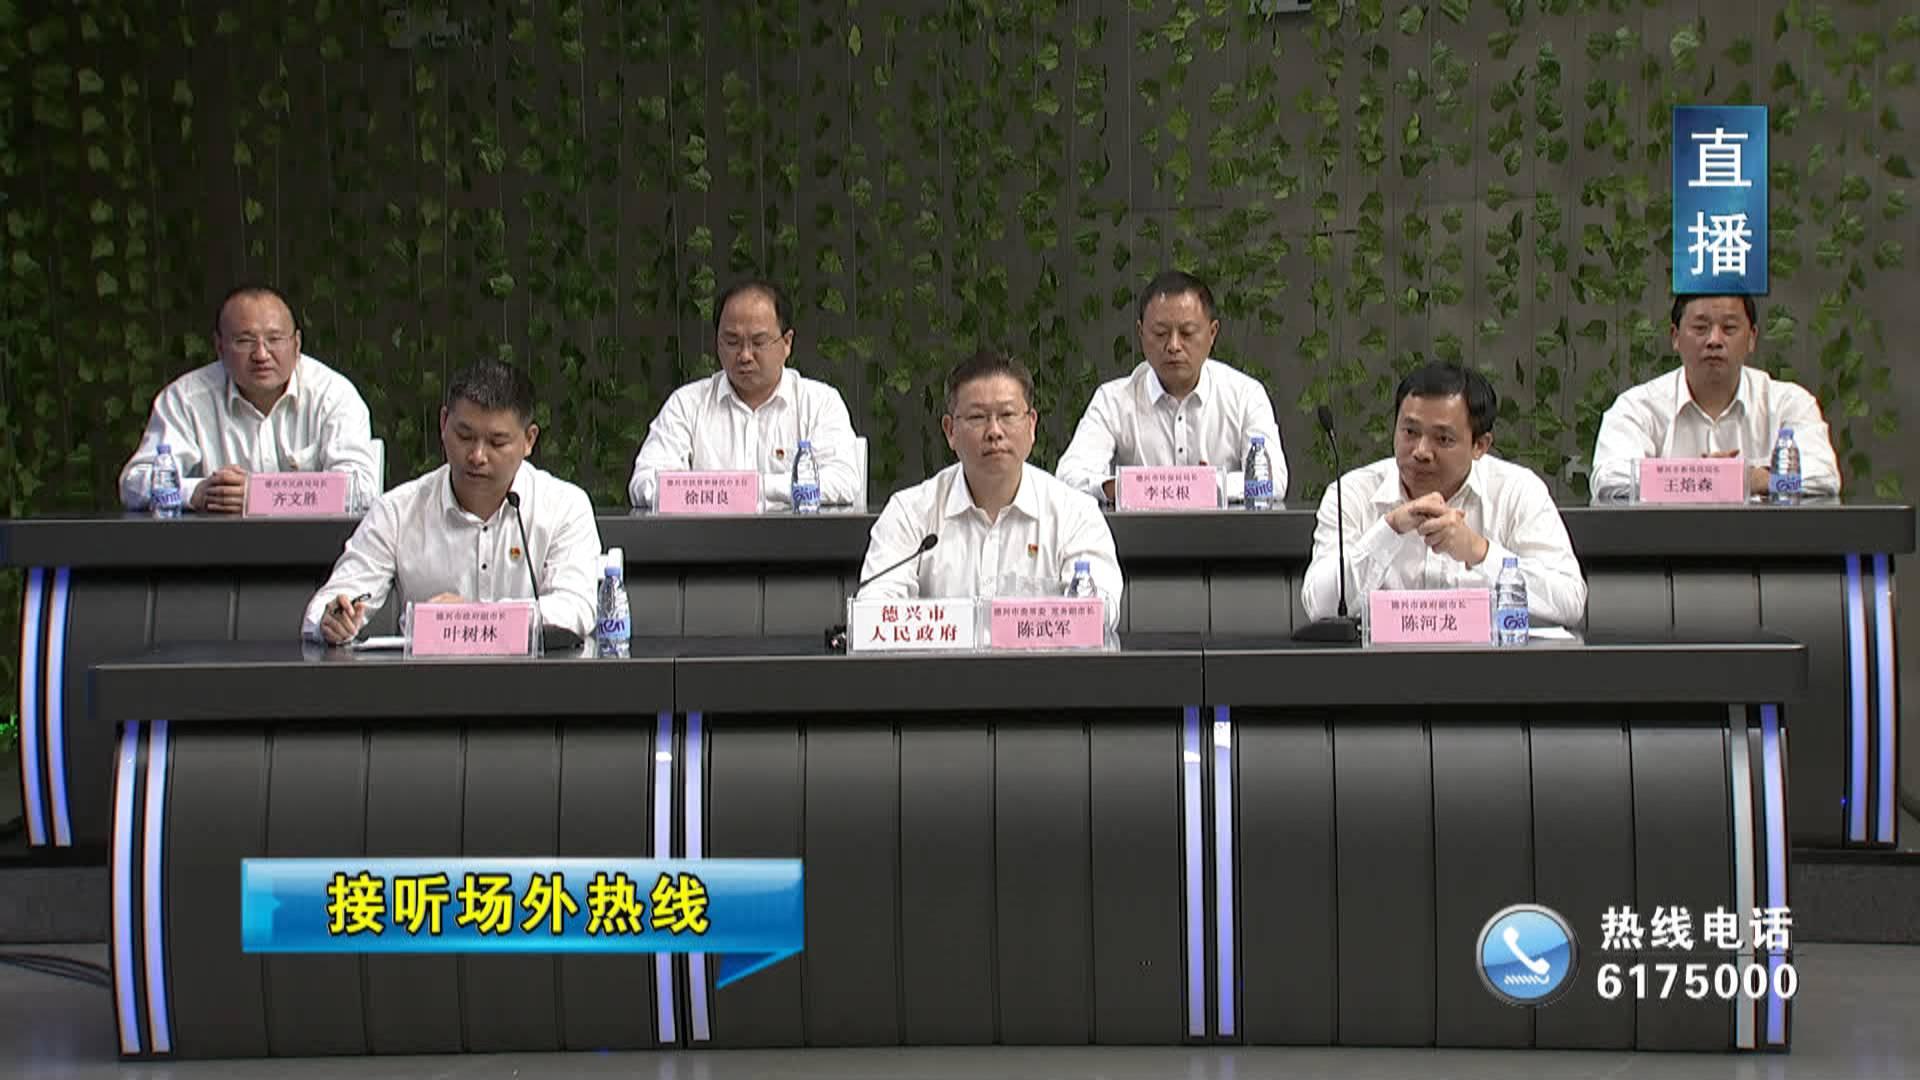 2018年党风政风德兴市人民政府